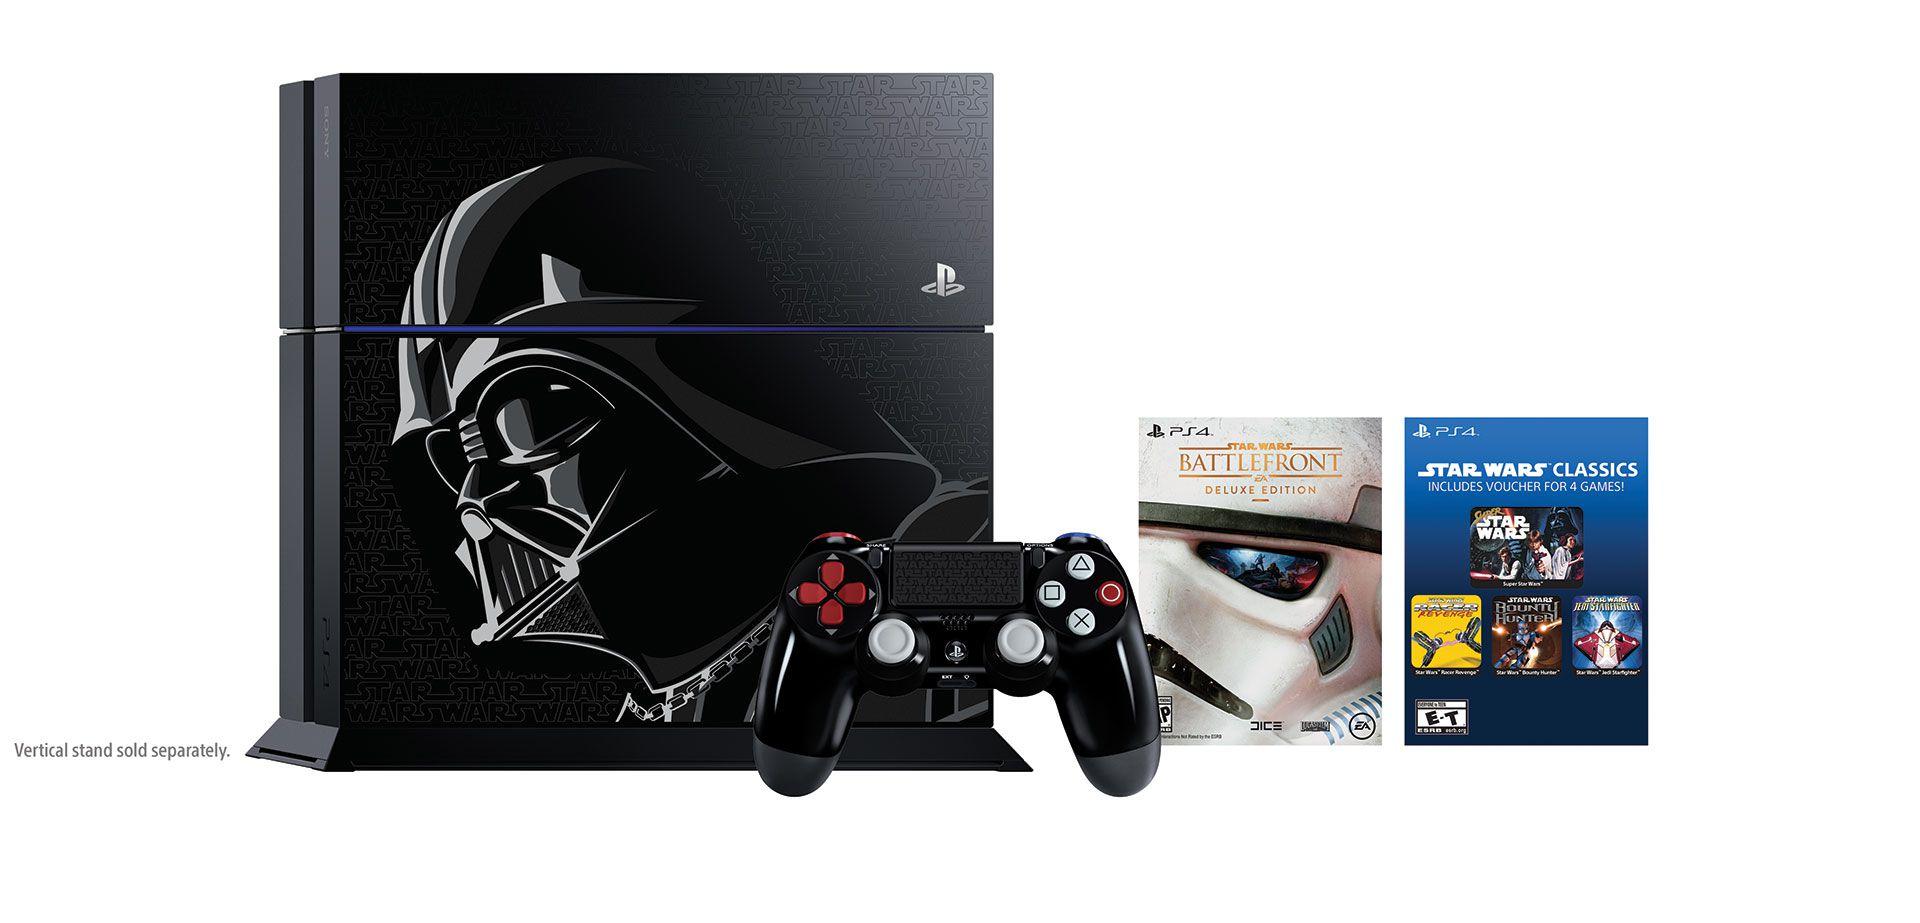 sony playstation 4 star wars dark vador bundle battlefront disponibilit caract ristiques. Black Bedroom Furniture Sets. Home Design Ideas